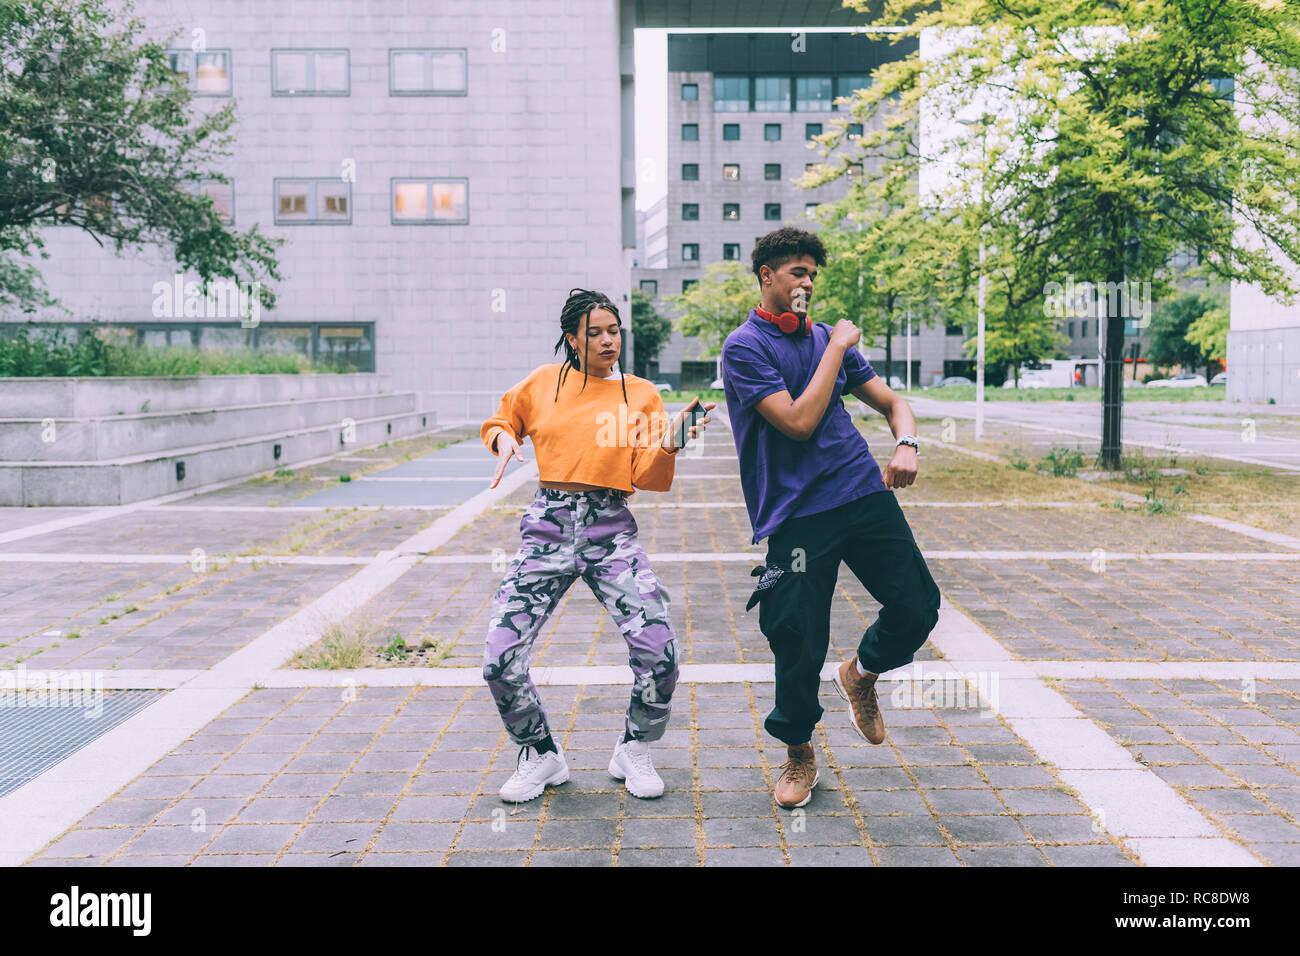 Frère et sœur danser sur les séquences vidéo sur mobile, Milan, Italie Banque D'Images